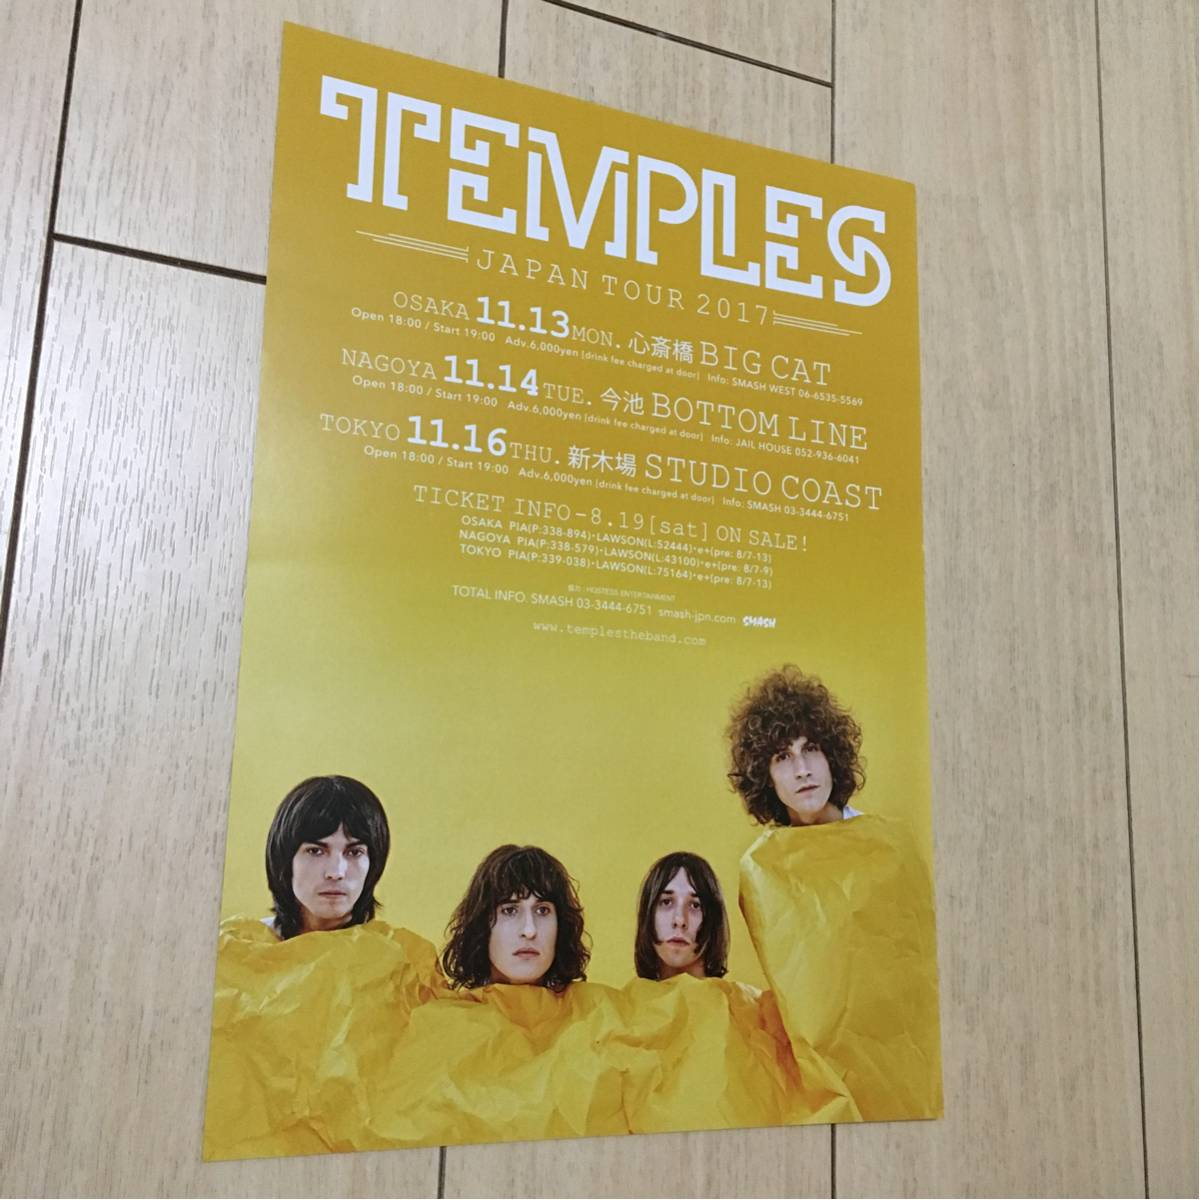 テンプルズ temples 来日 ライブ 告知 チラシ 2017 japan tour uk サイケデリック ロック バンド